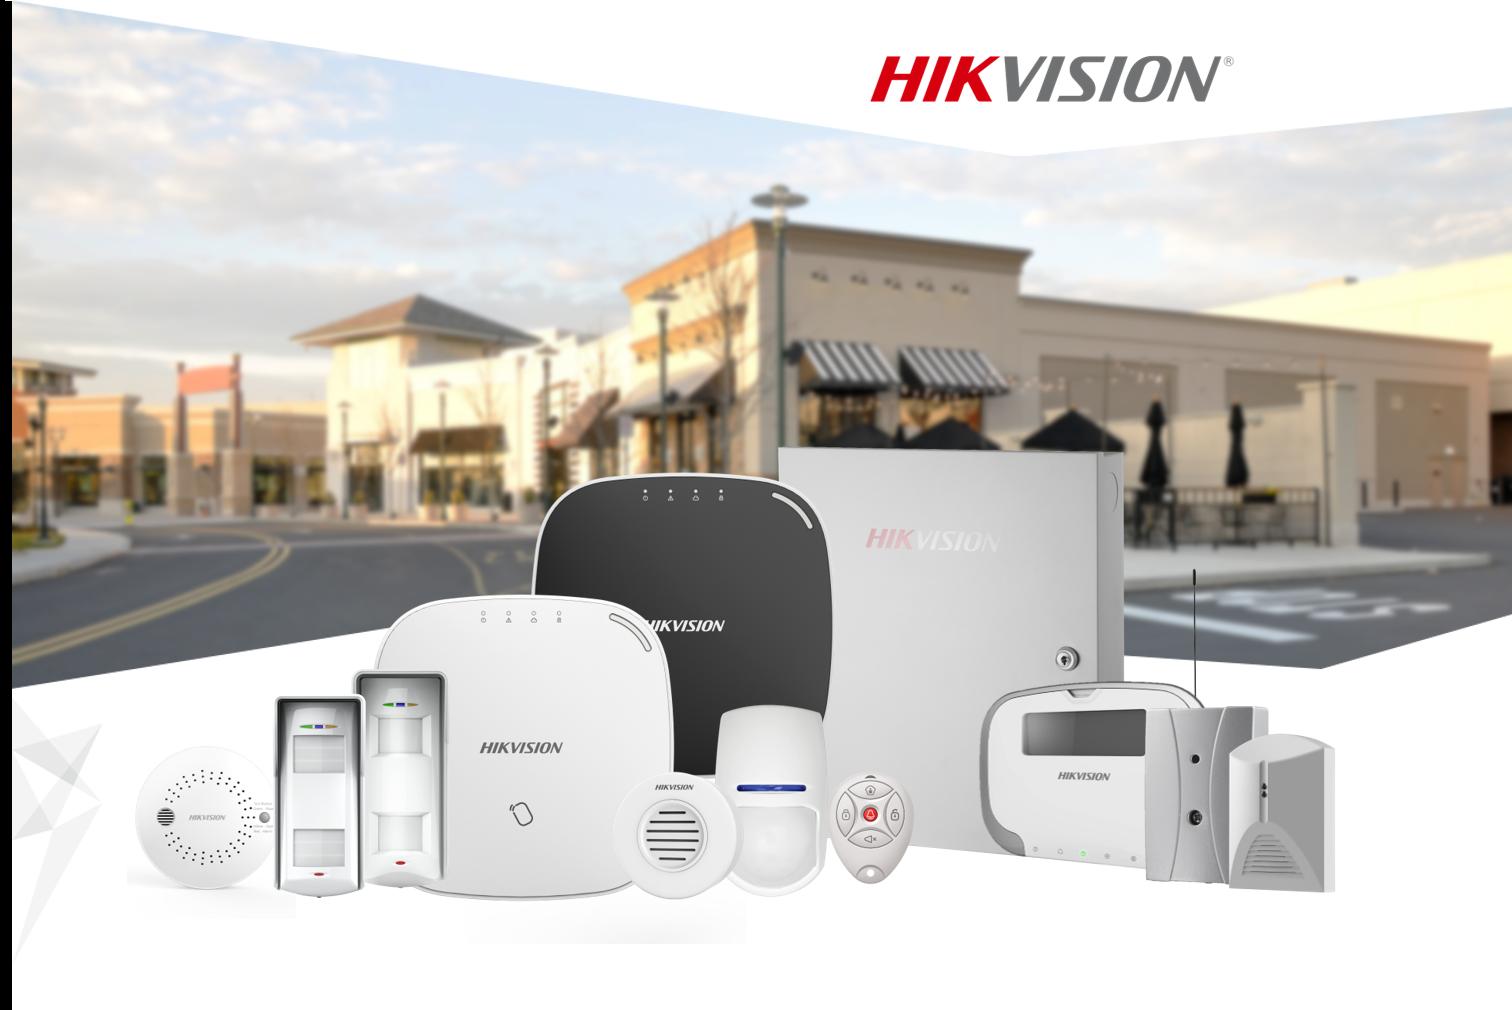 Hikvision muestra su más reciente tecnología de videovigilancia en Intcomexpo Security Tour